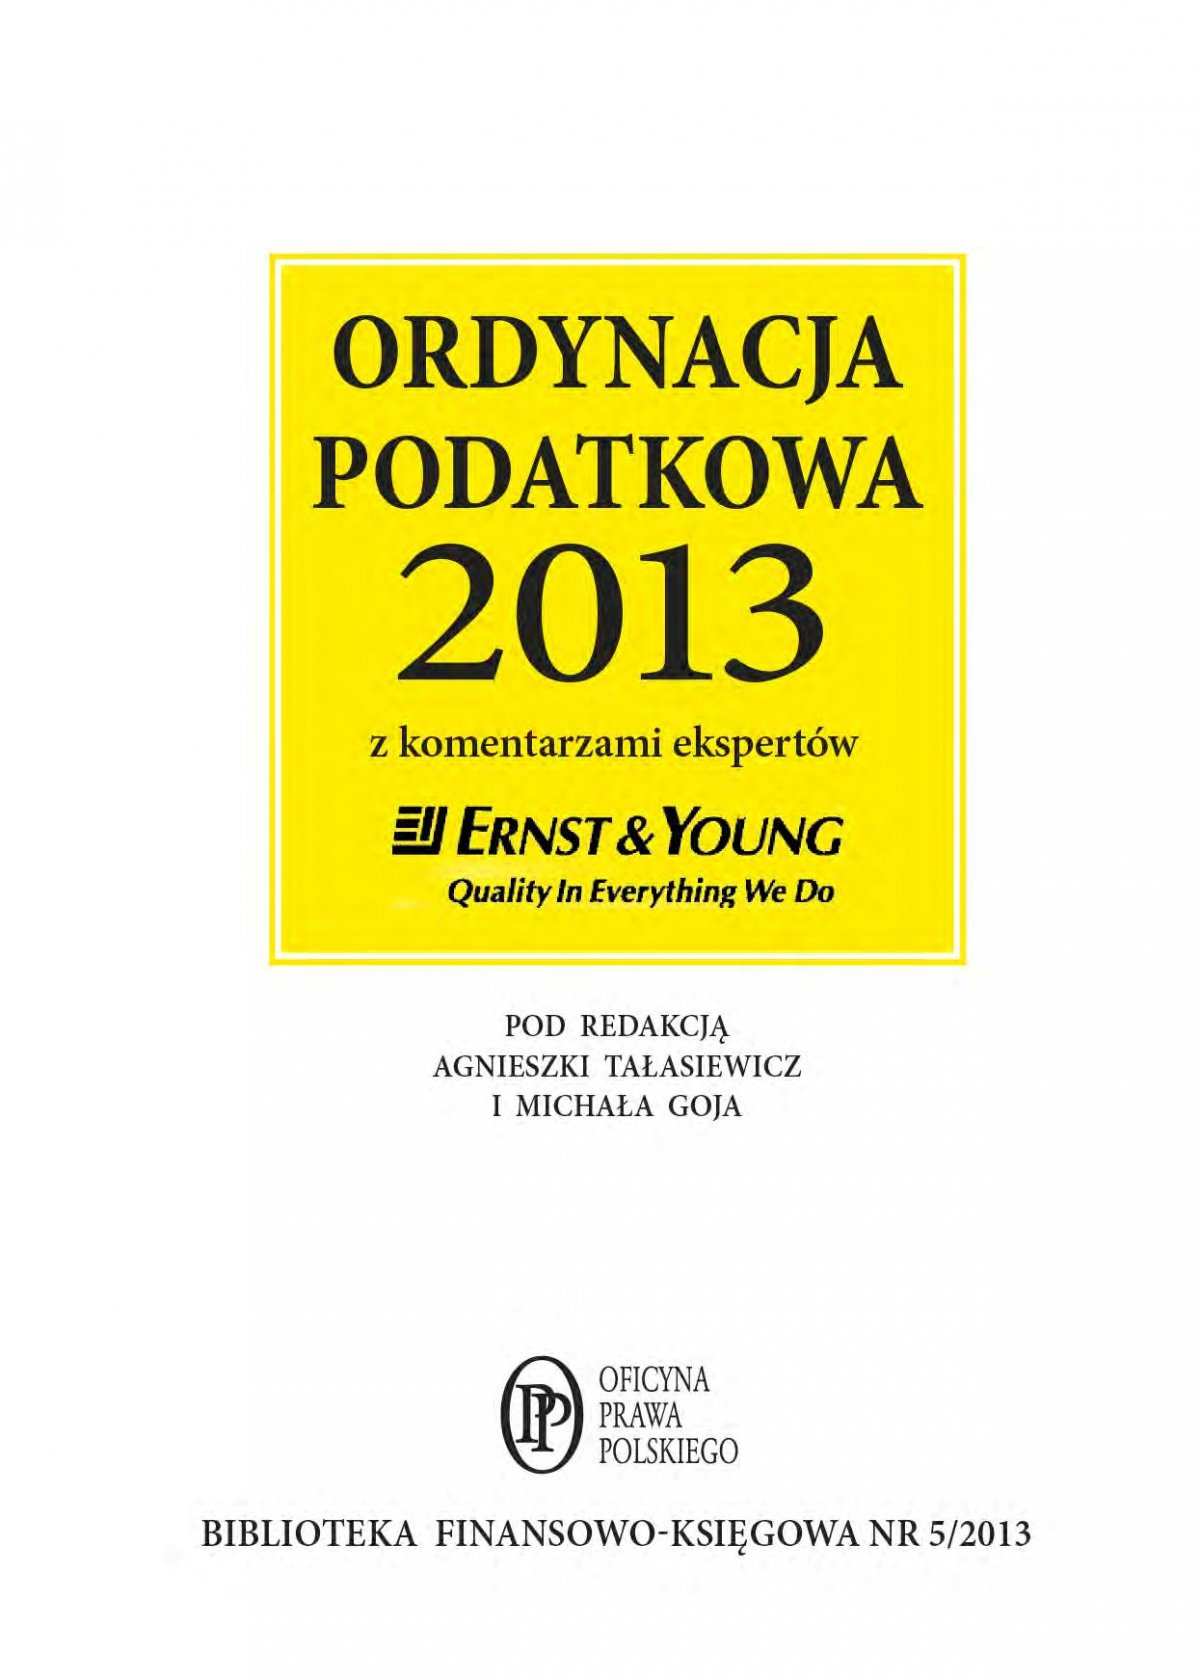 Ordynacja podatkowa 2013 wraz z komentarzem ekspertów Ernst & Young - Ebook (Książka na Kindle) do pobrania w formacie MOBI